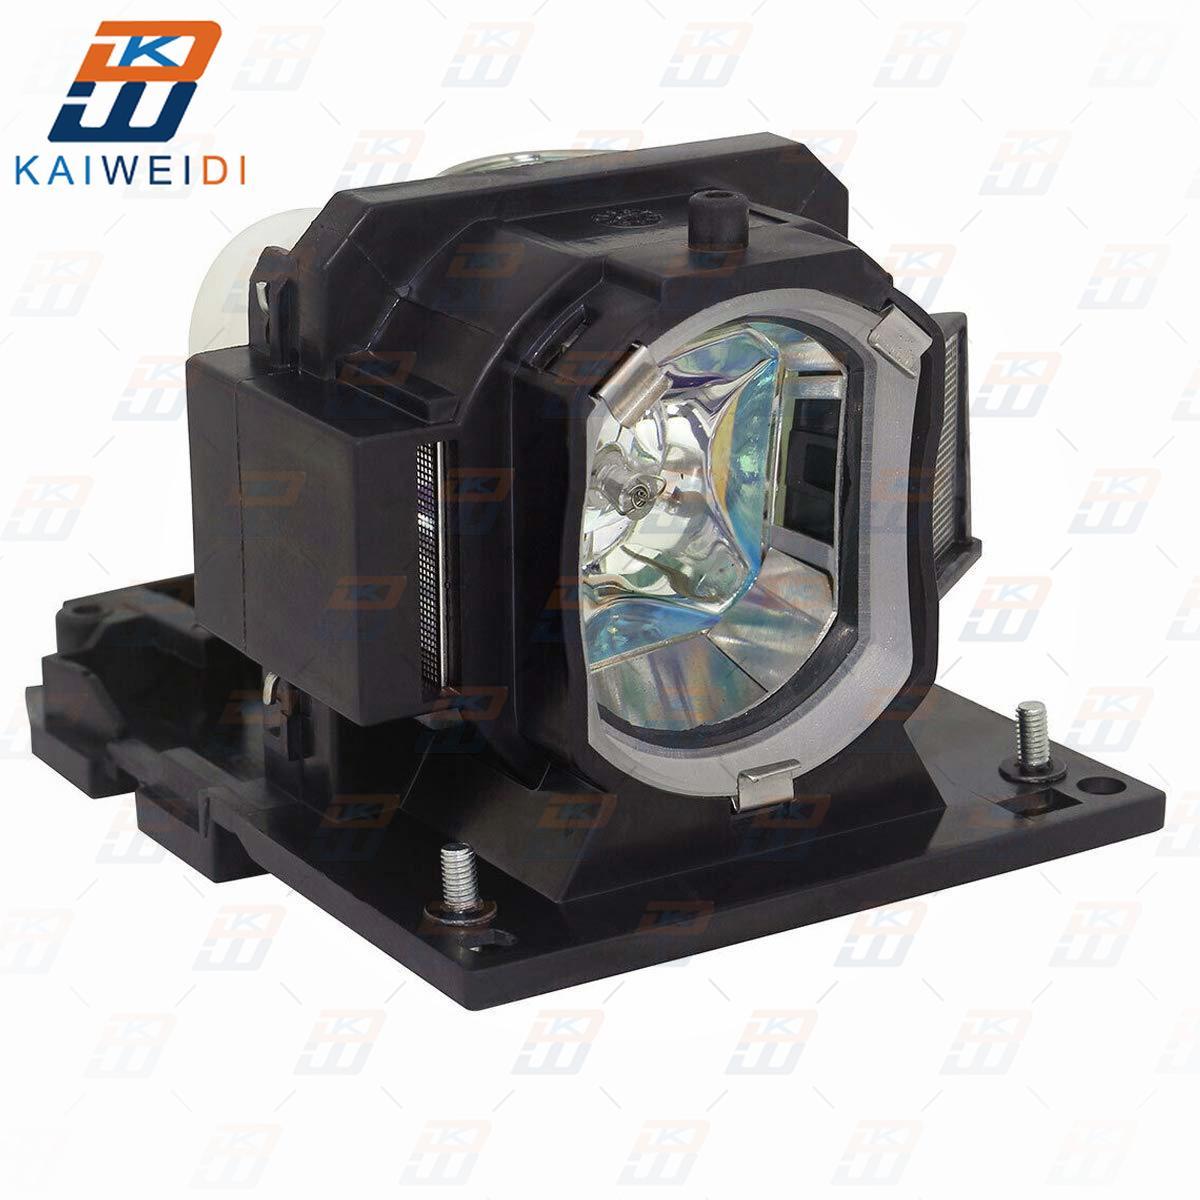 DT01511 DT01435 DT01431 DT01433 DT01481 DT01491 DT01571 For Hitachi CP-AW2505 CP-AX2503 CP-AX2505 CP-BX301WN CP-TW2505 WX3042WN